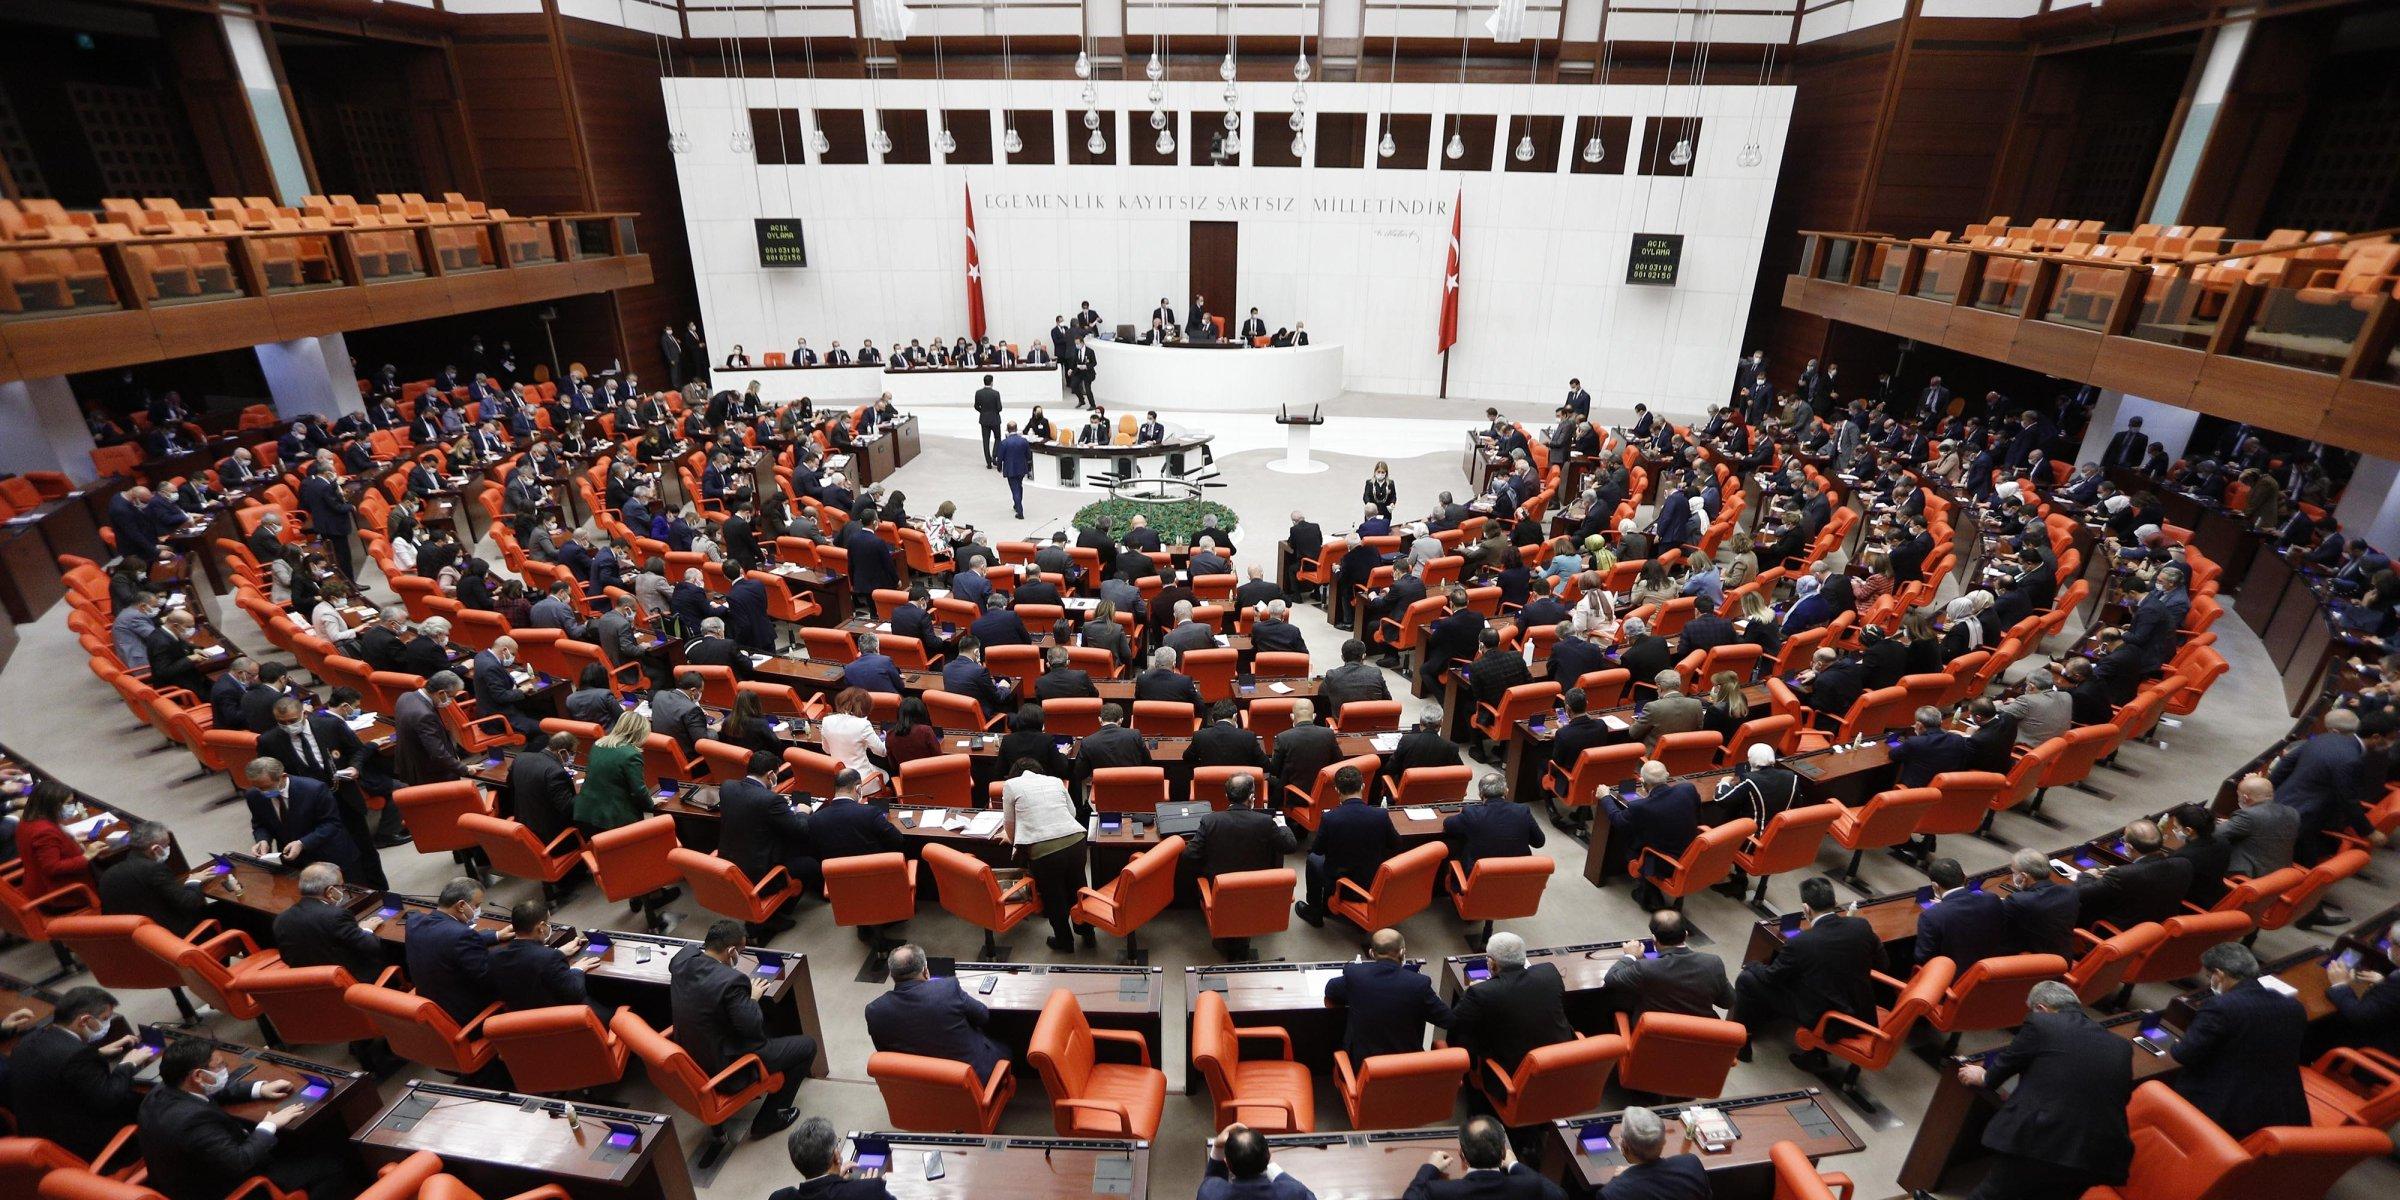 Chinas parliament passes Hong Kong national security bill